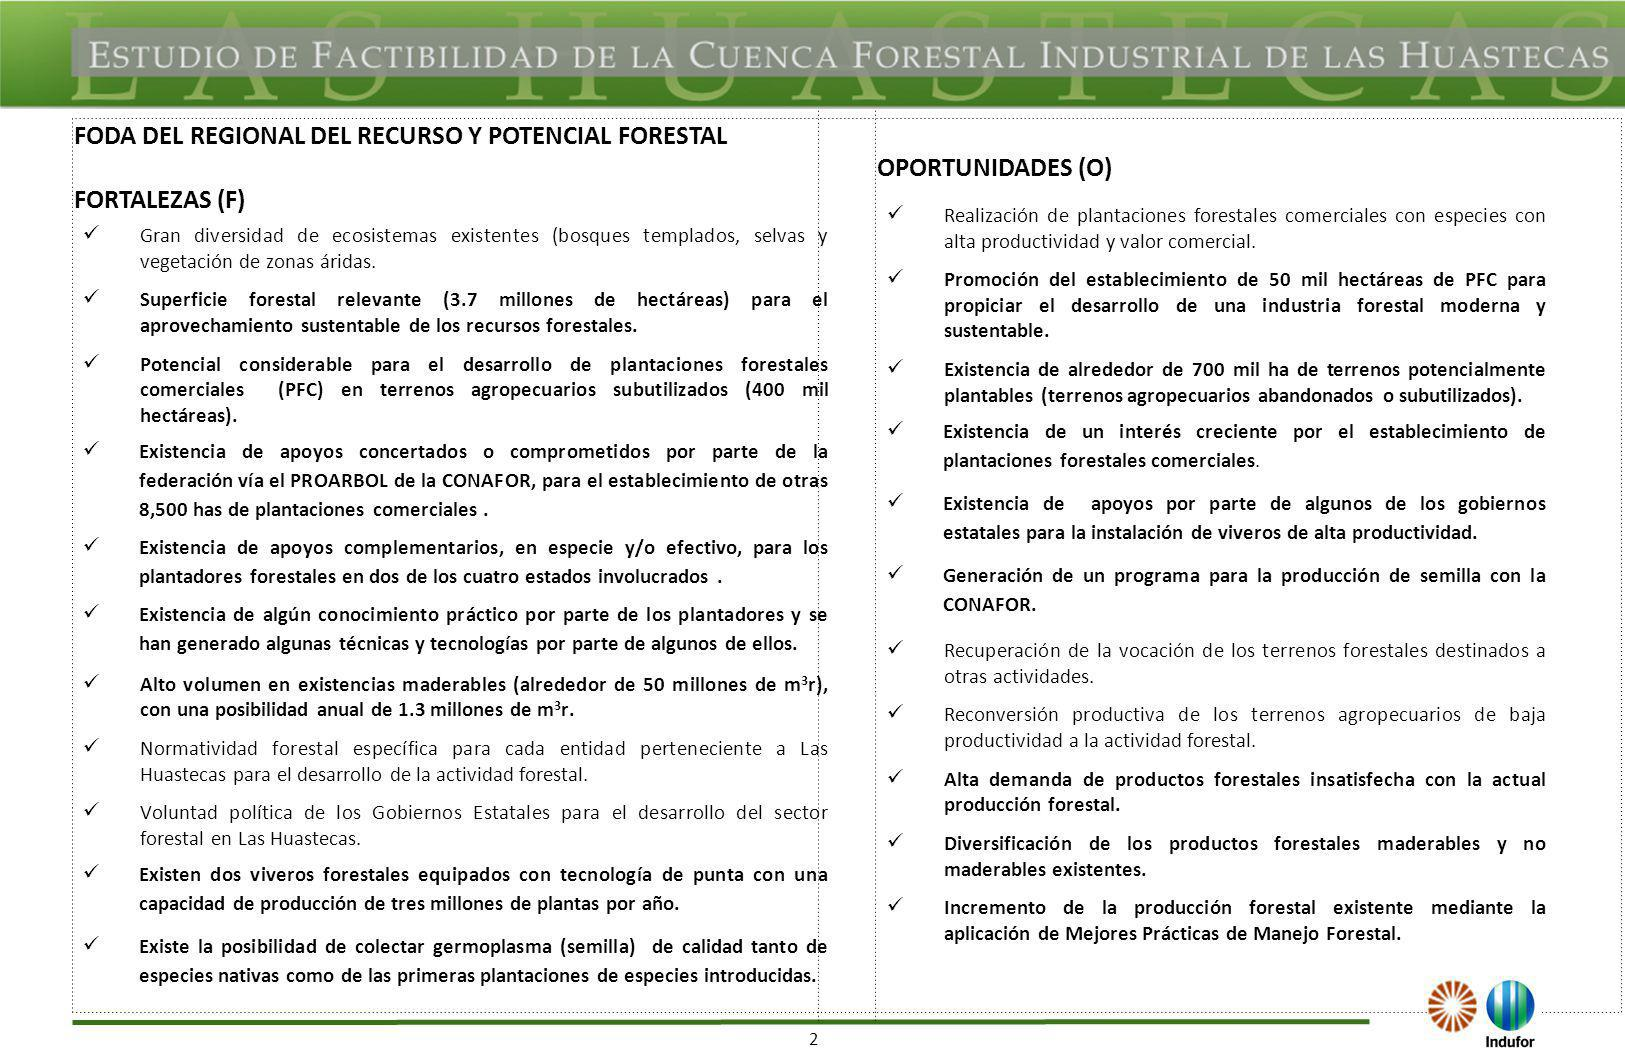 23 DEBILIDADES (D)AMENAZAS (A) Carencia de Ordenamientos Territoriales para el manejo sustentable de los recursos forestales.